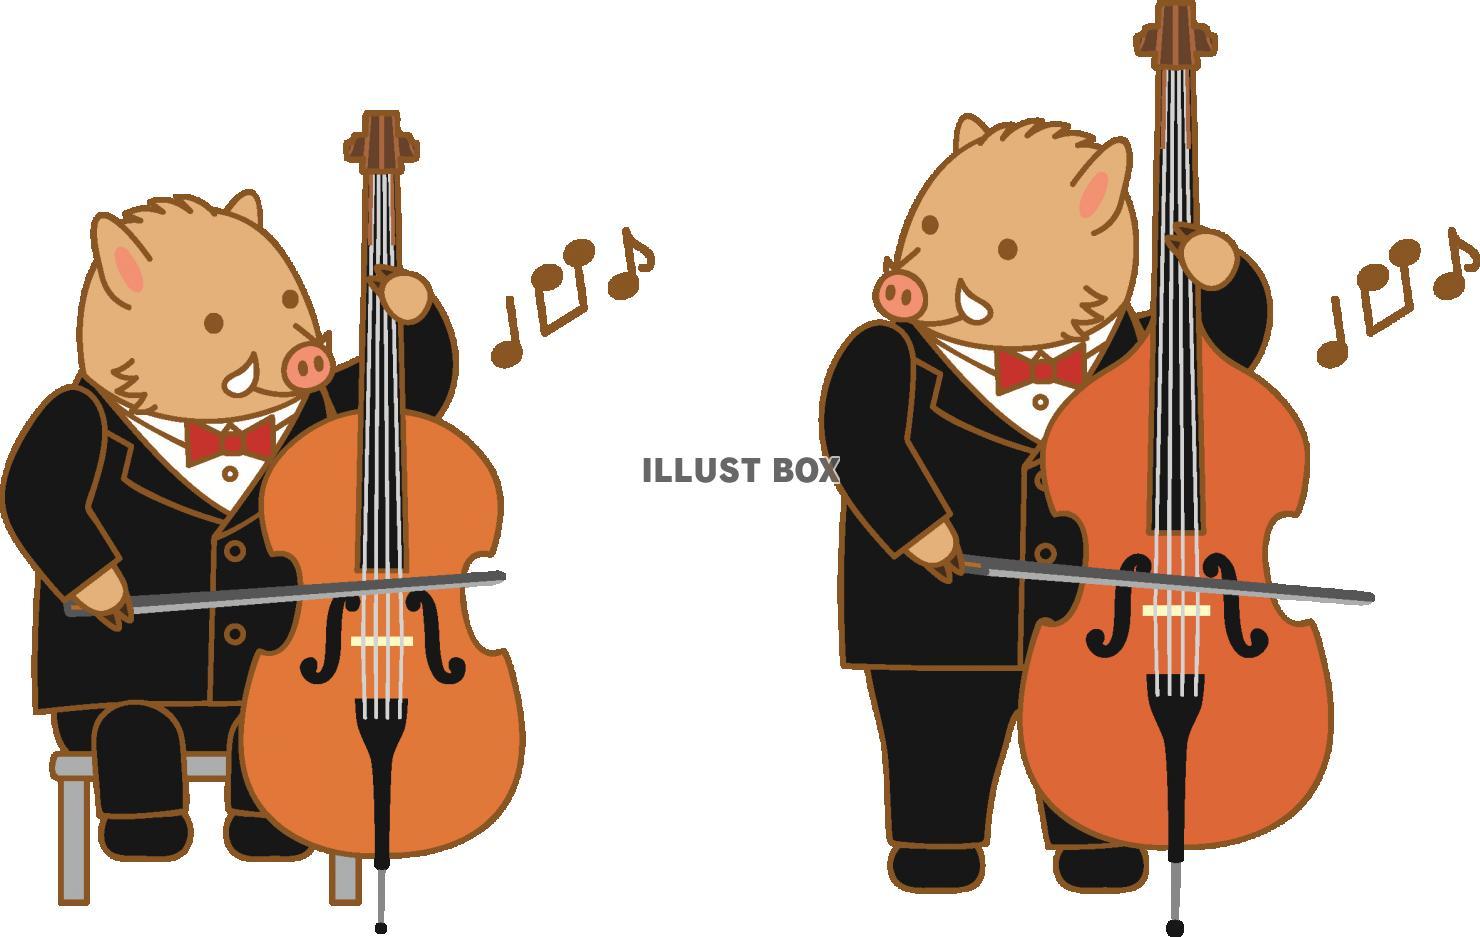 無料イラスト いのししチェロコントラバス演奏